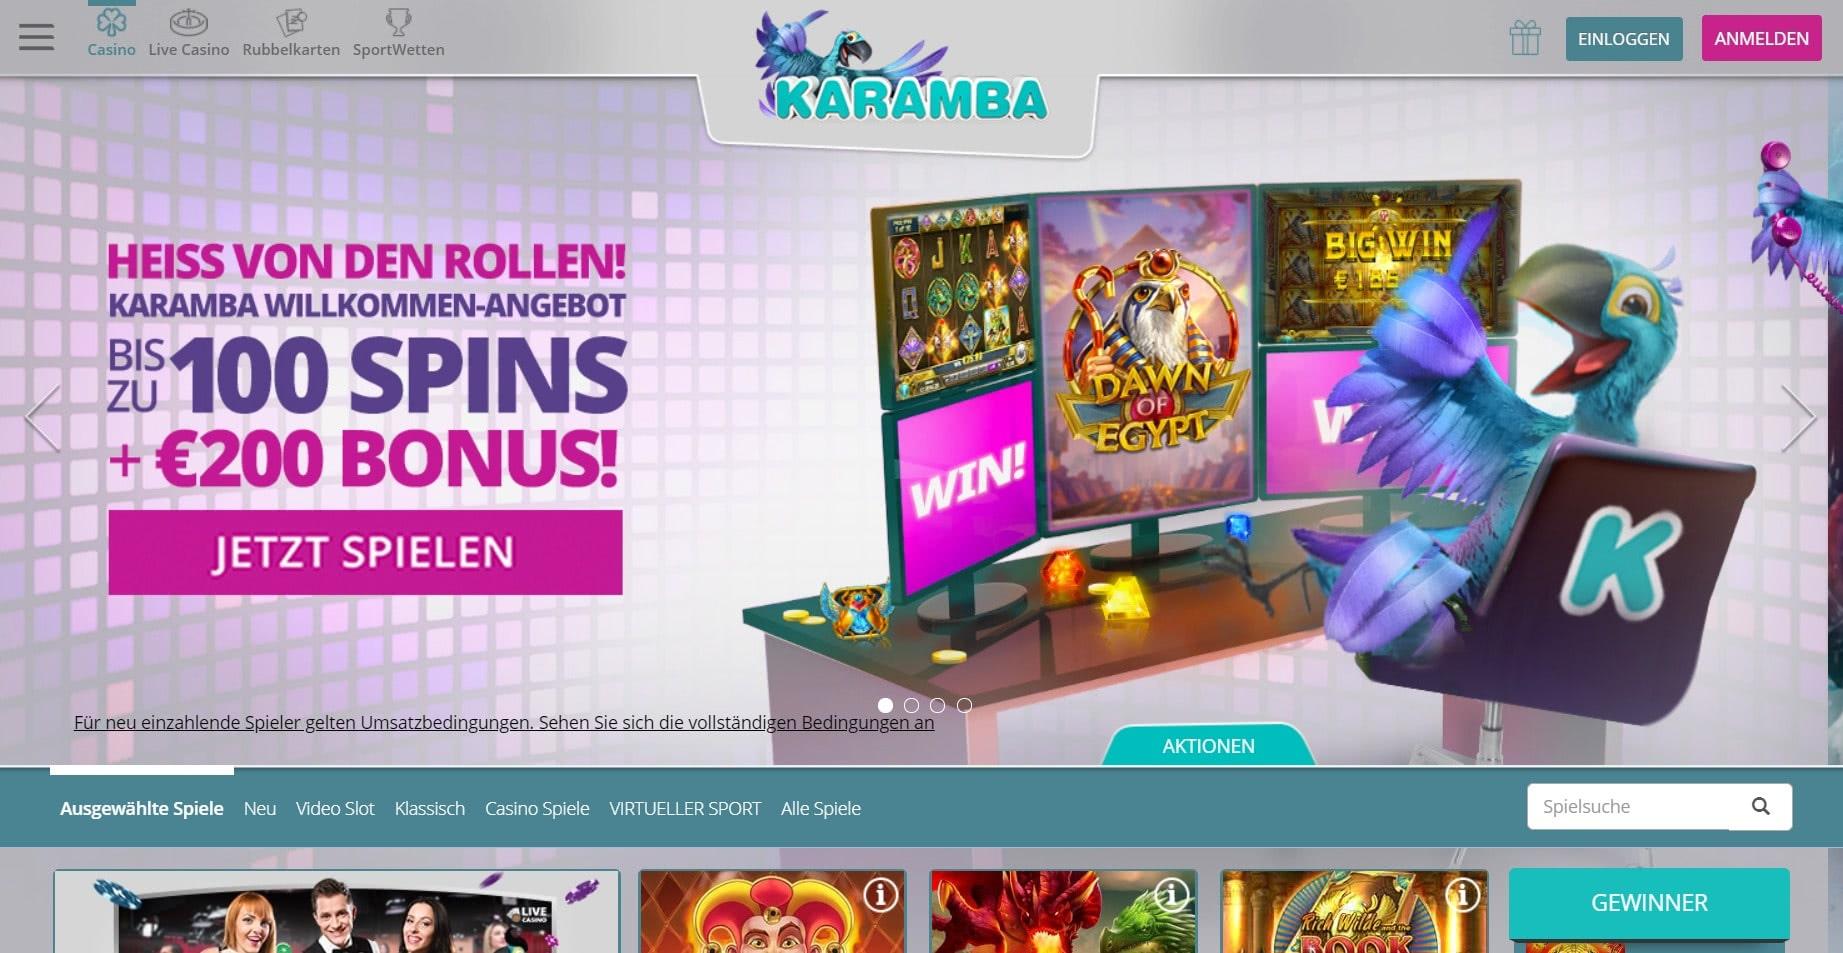 Seriöse Online Casino Echtgeld